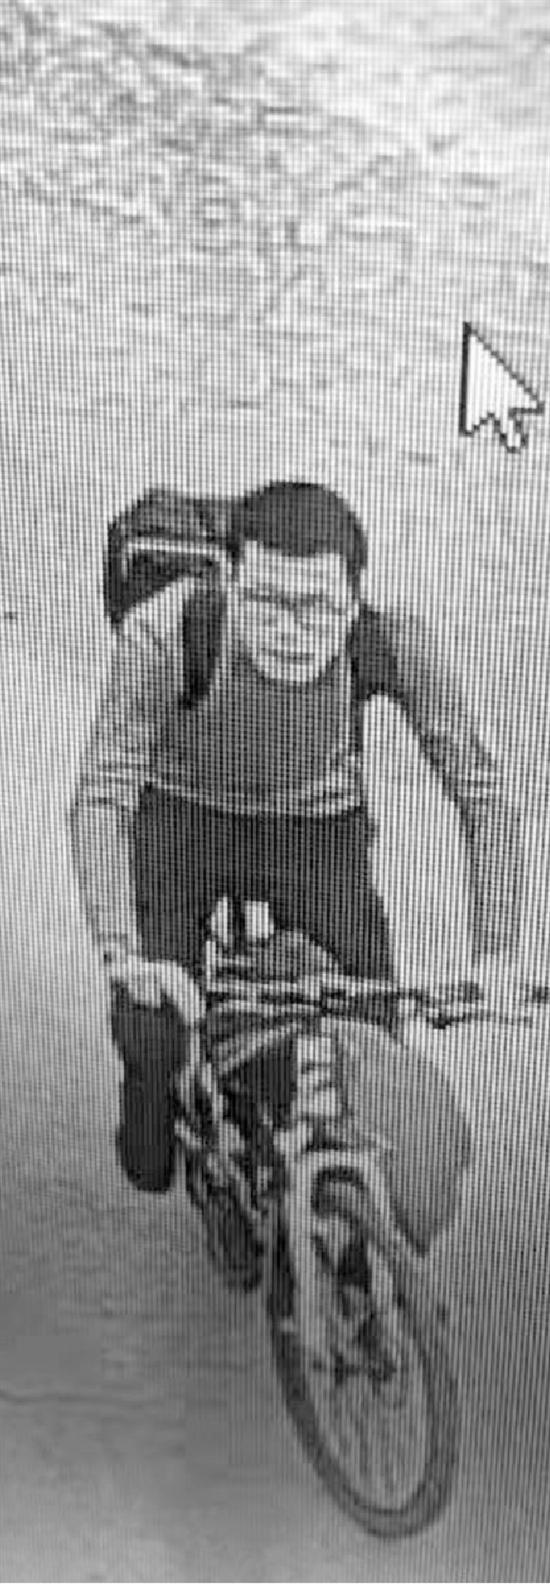 临安一中人男生骑车出走曾出现在杭州清泰街温州2016八初中v中人多少初中部图片